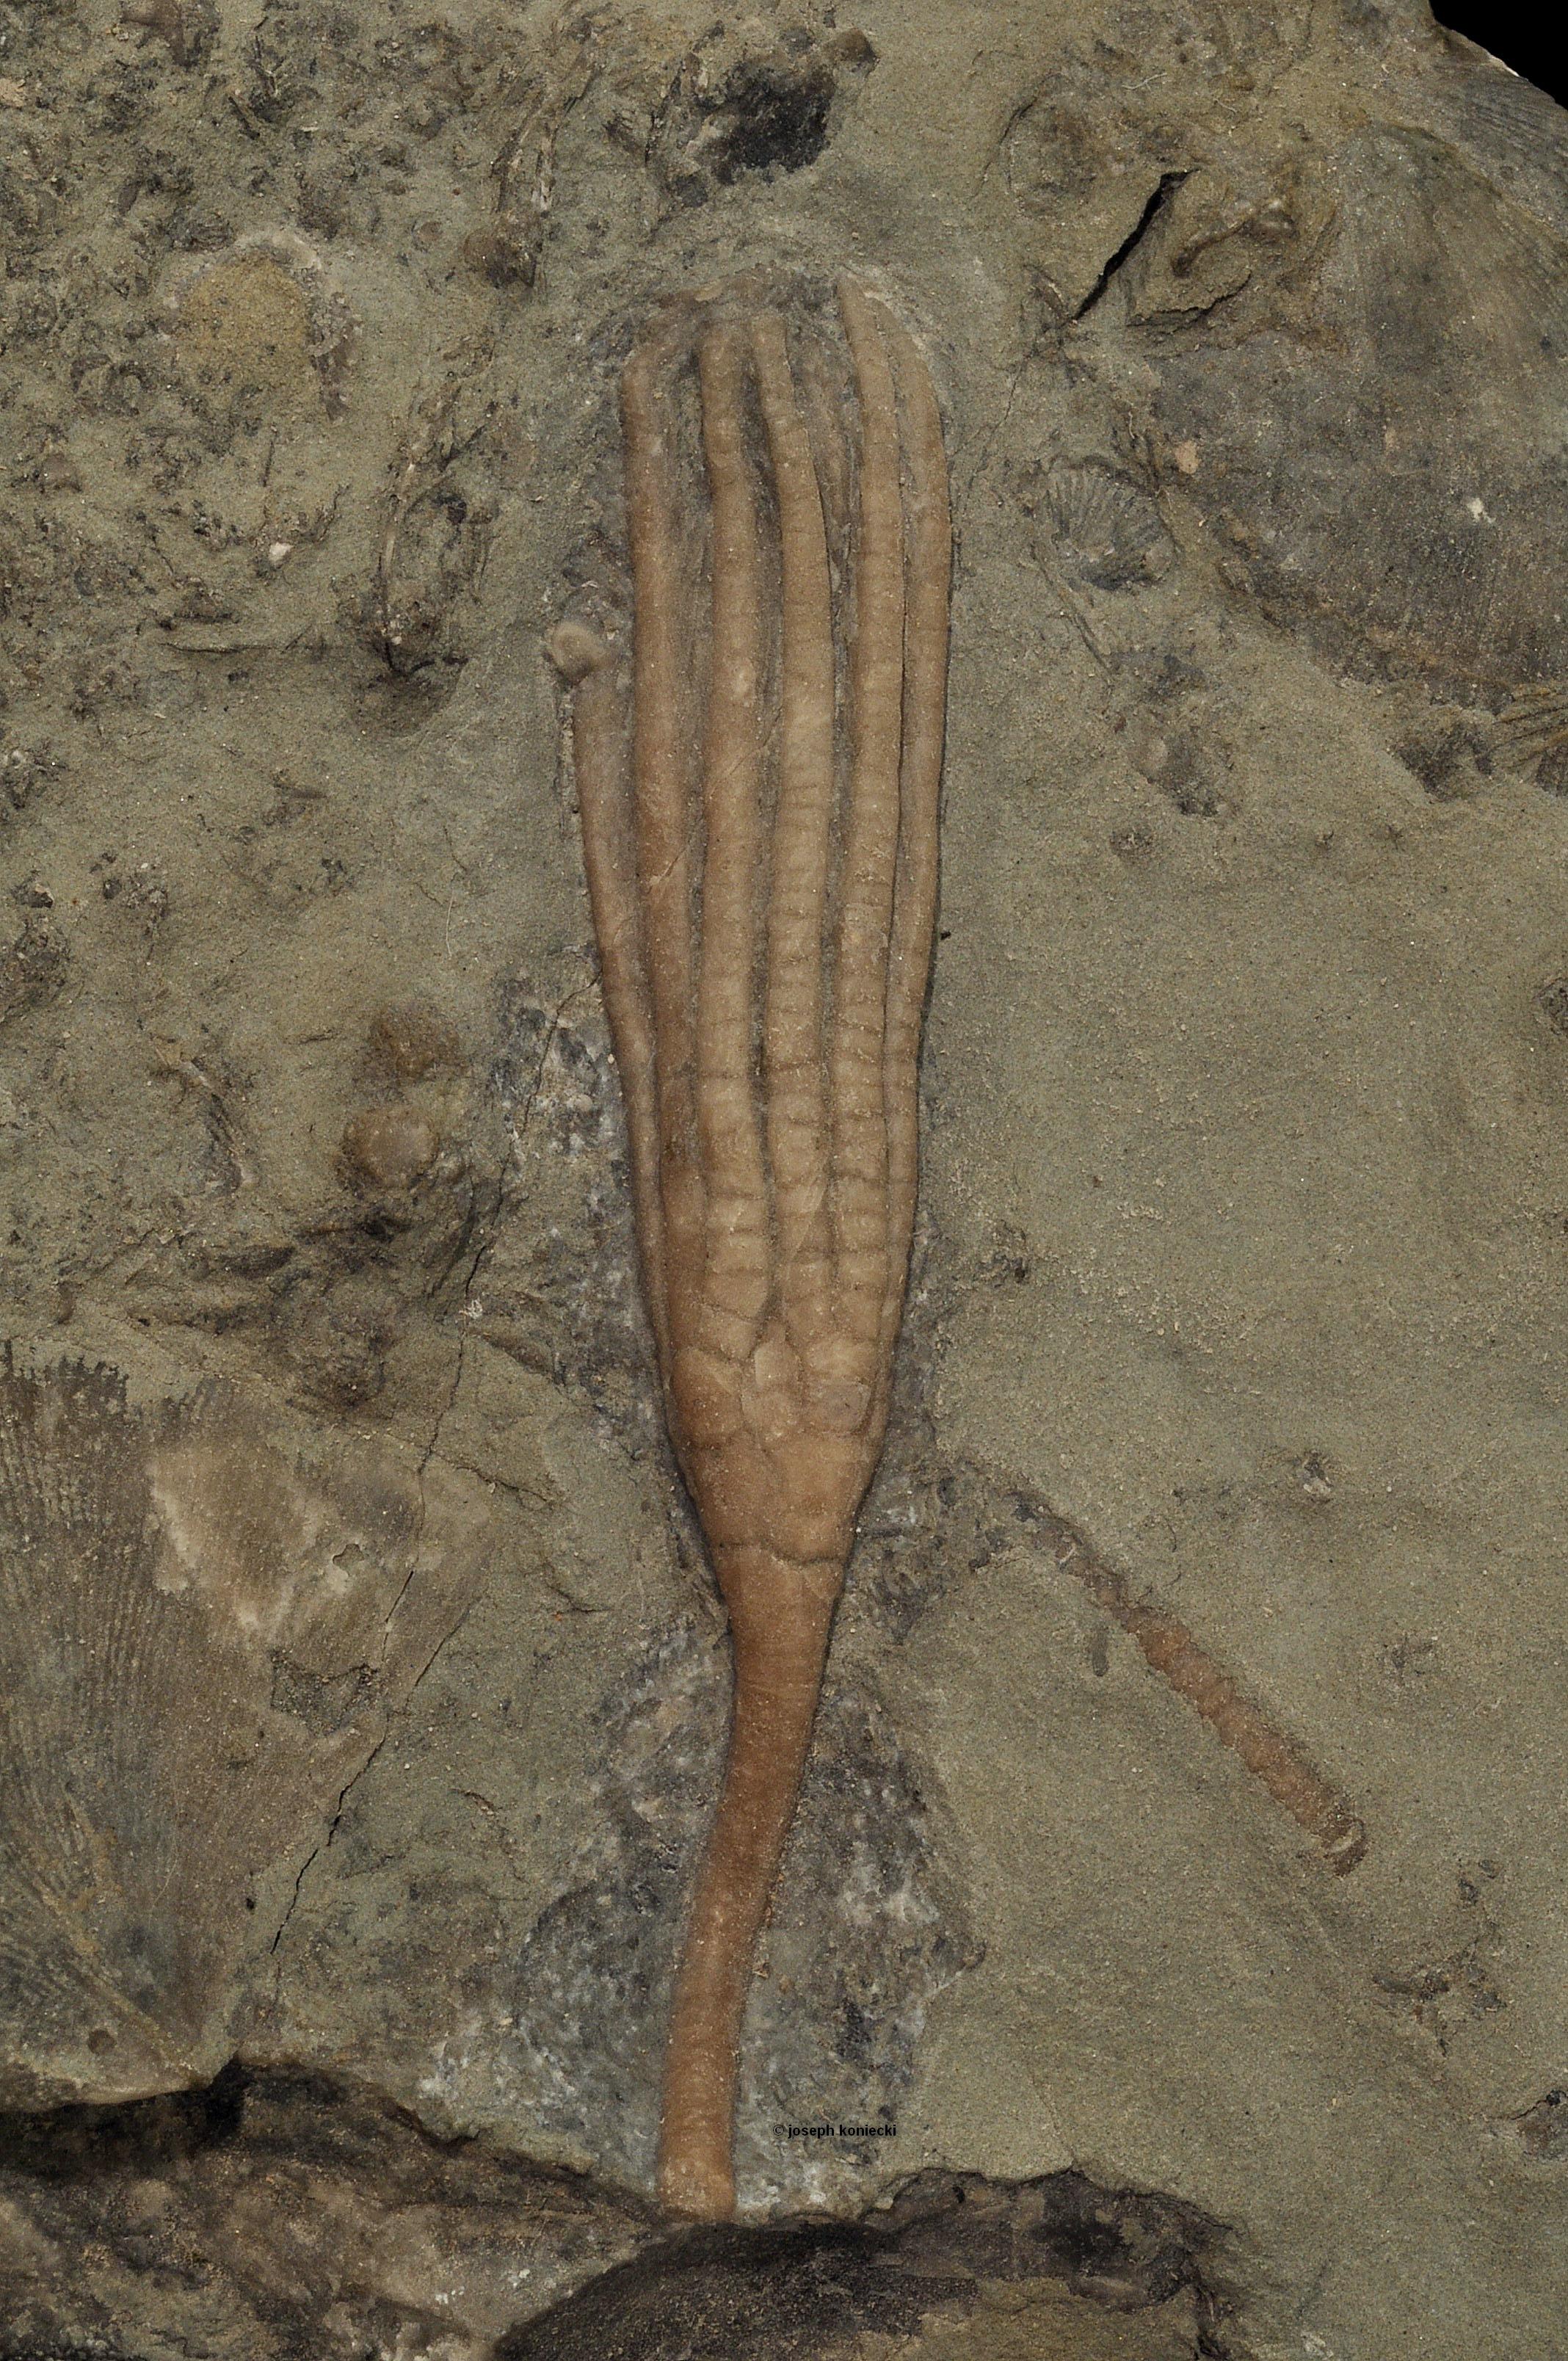 Ectenocrinus